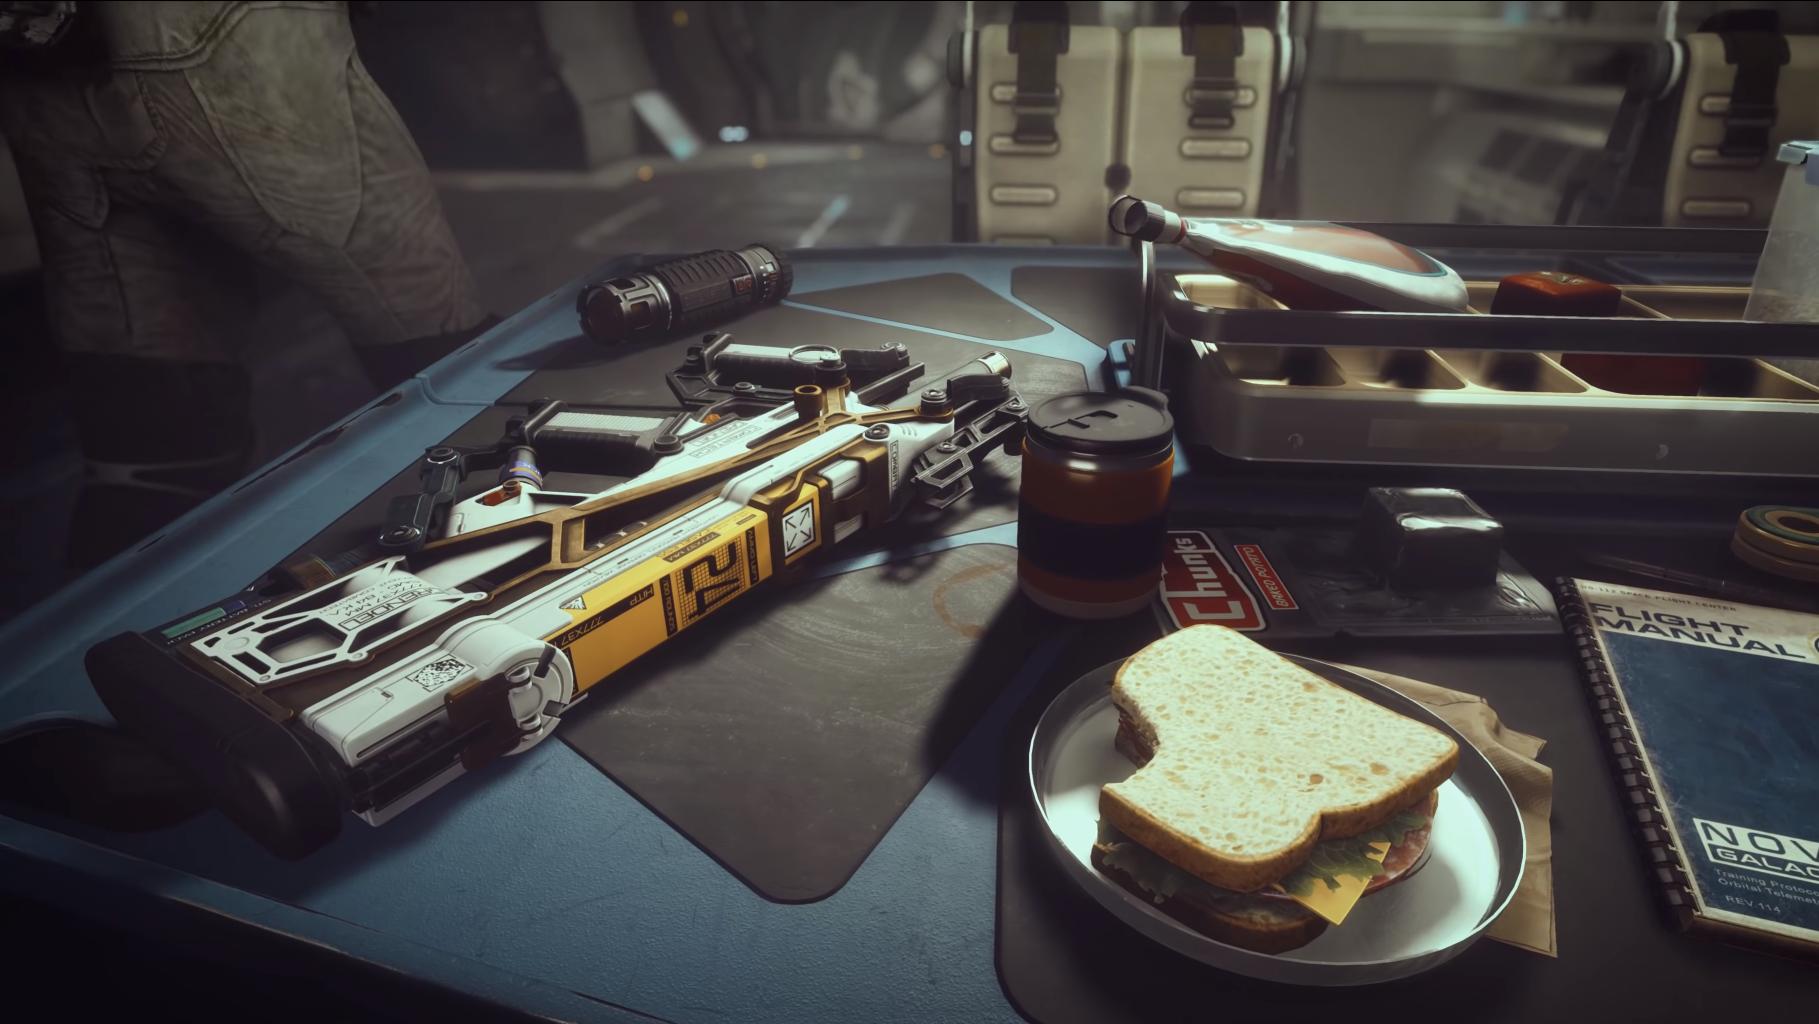 Starfield gun lying on a table beside a sandwich